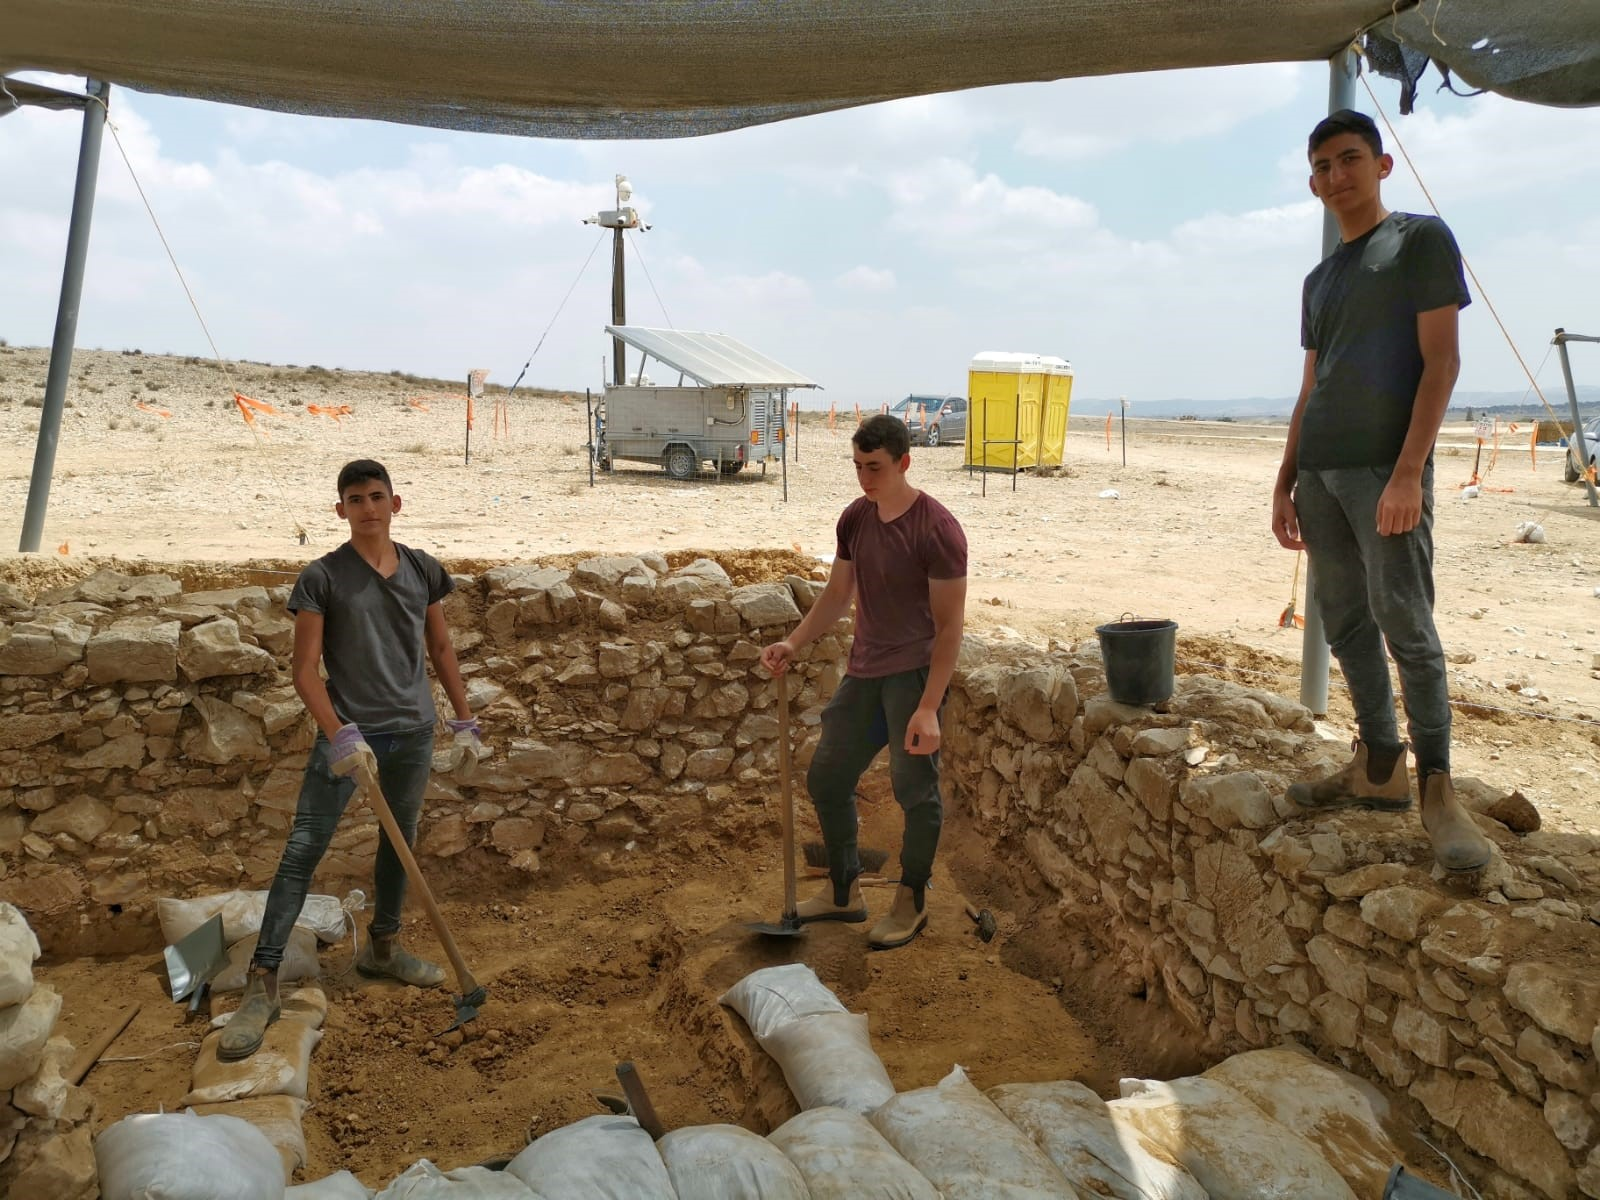 בני נוער ממיתר  קבוצה 3 בחפירה ברהט.jpg